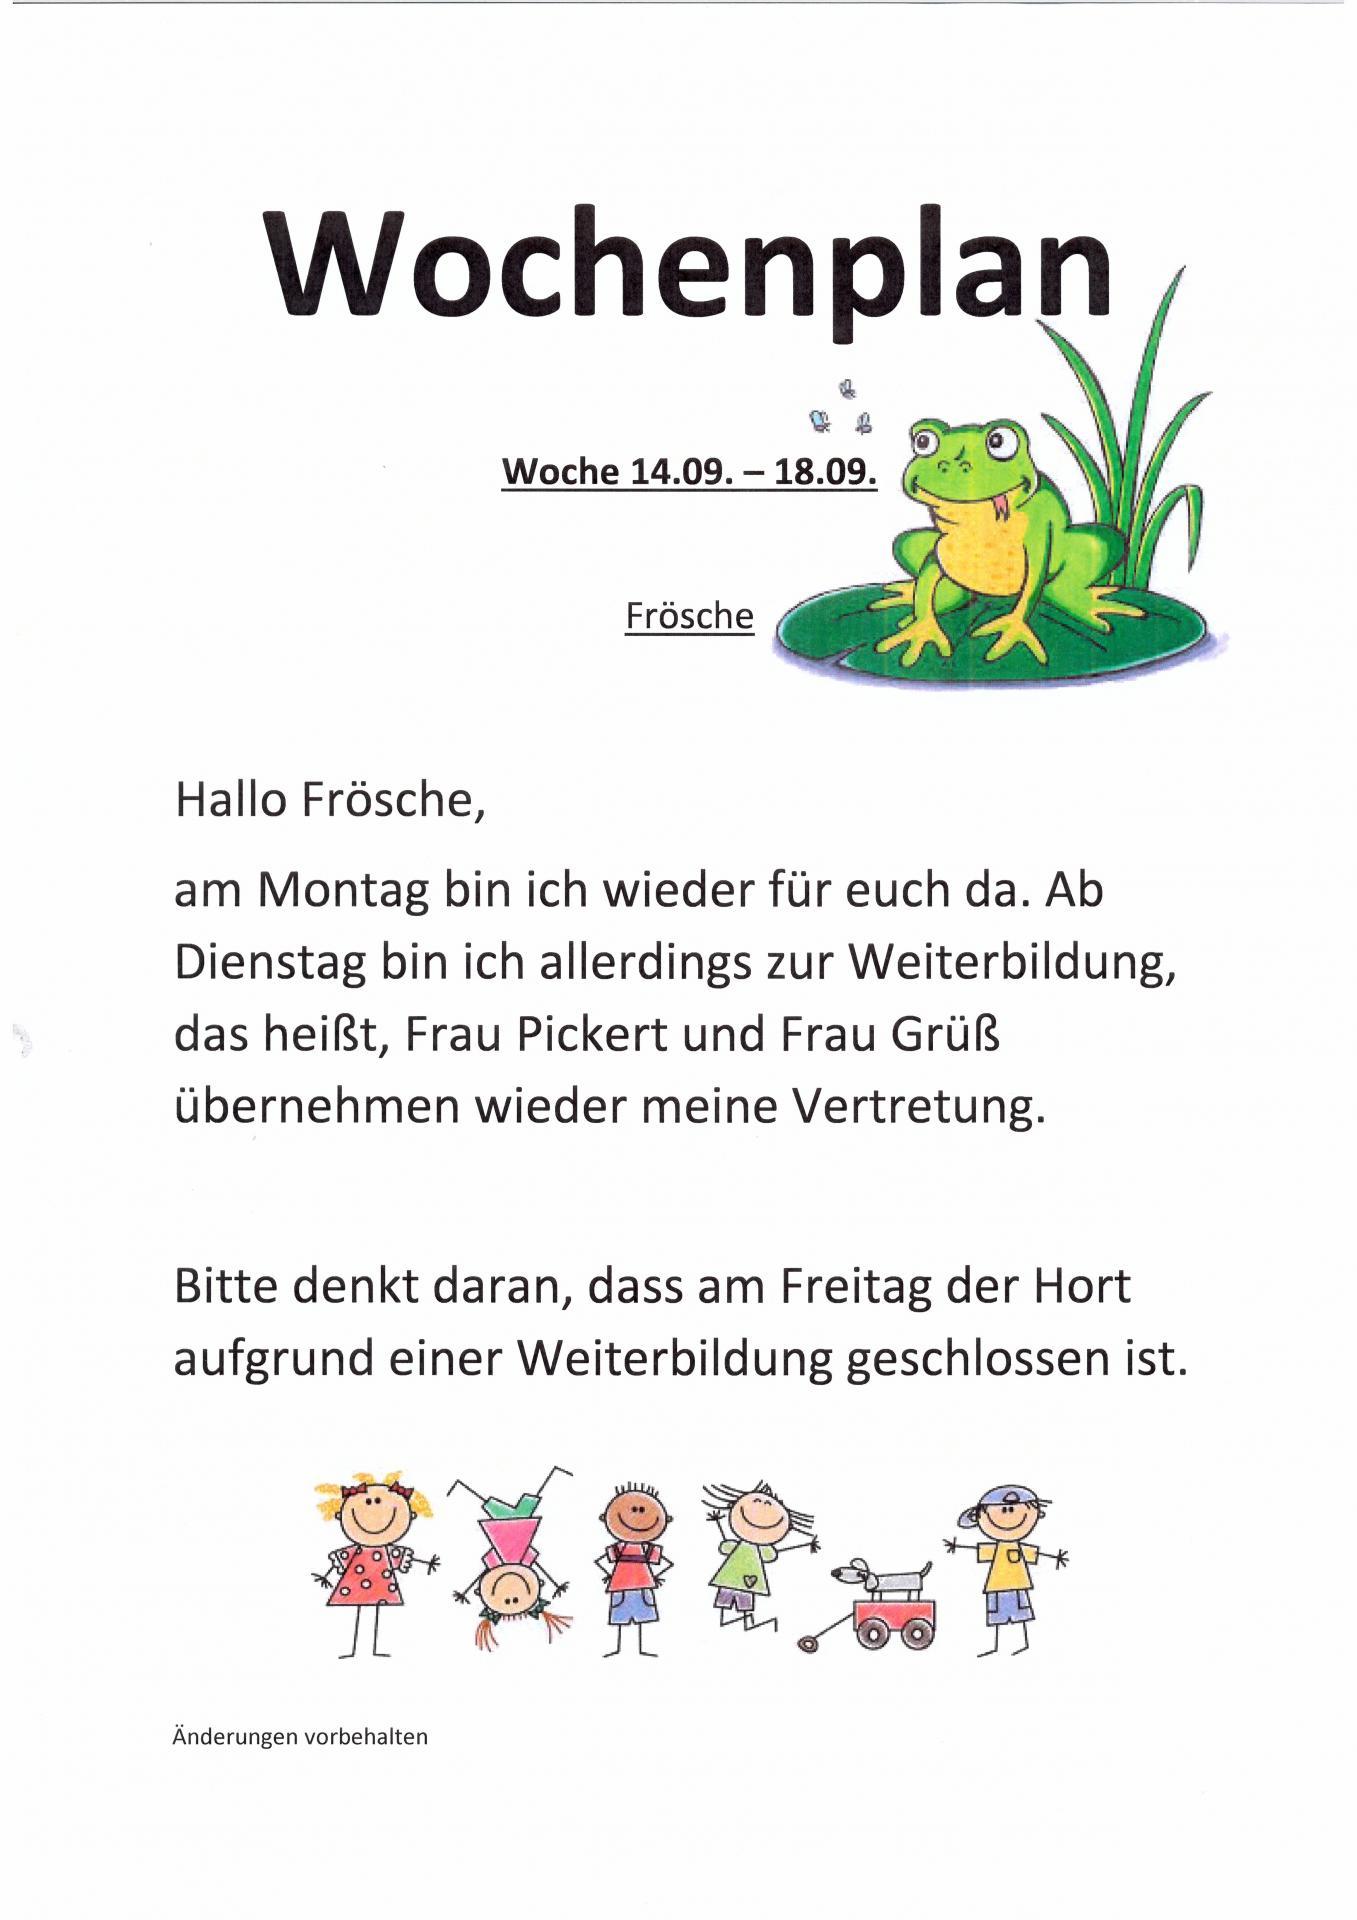 wocheplan Frösche 14.09. - 18.09.